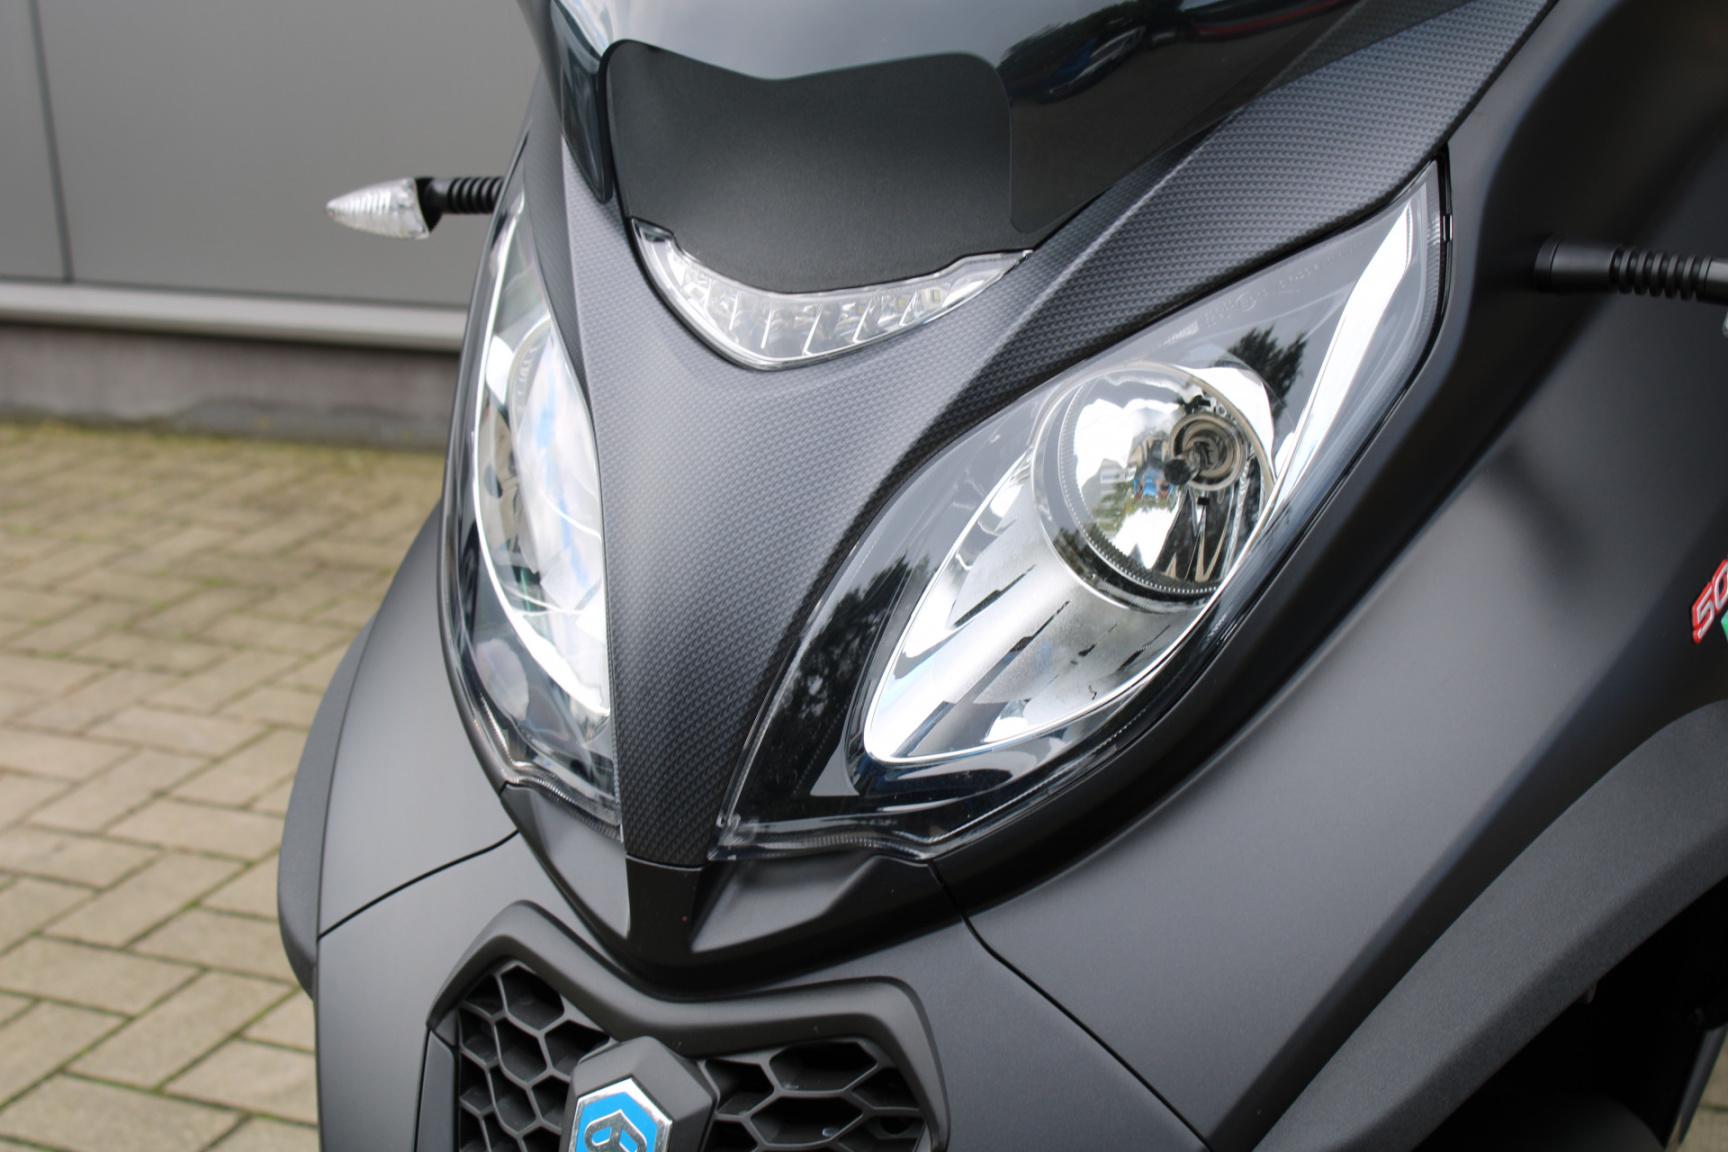 Piaggio-500 MP3 HPE Sport 4678KM Bouwjaar 2020-9